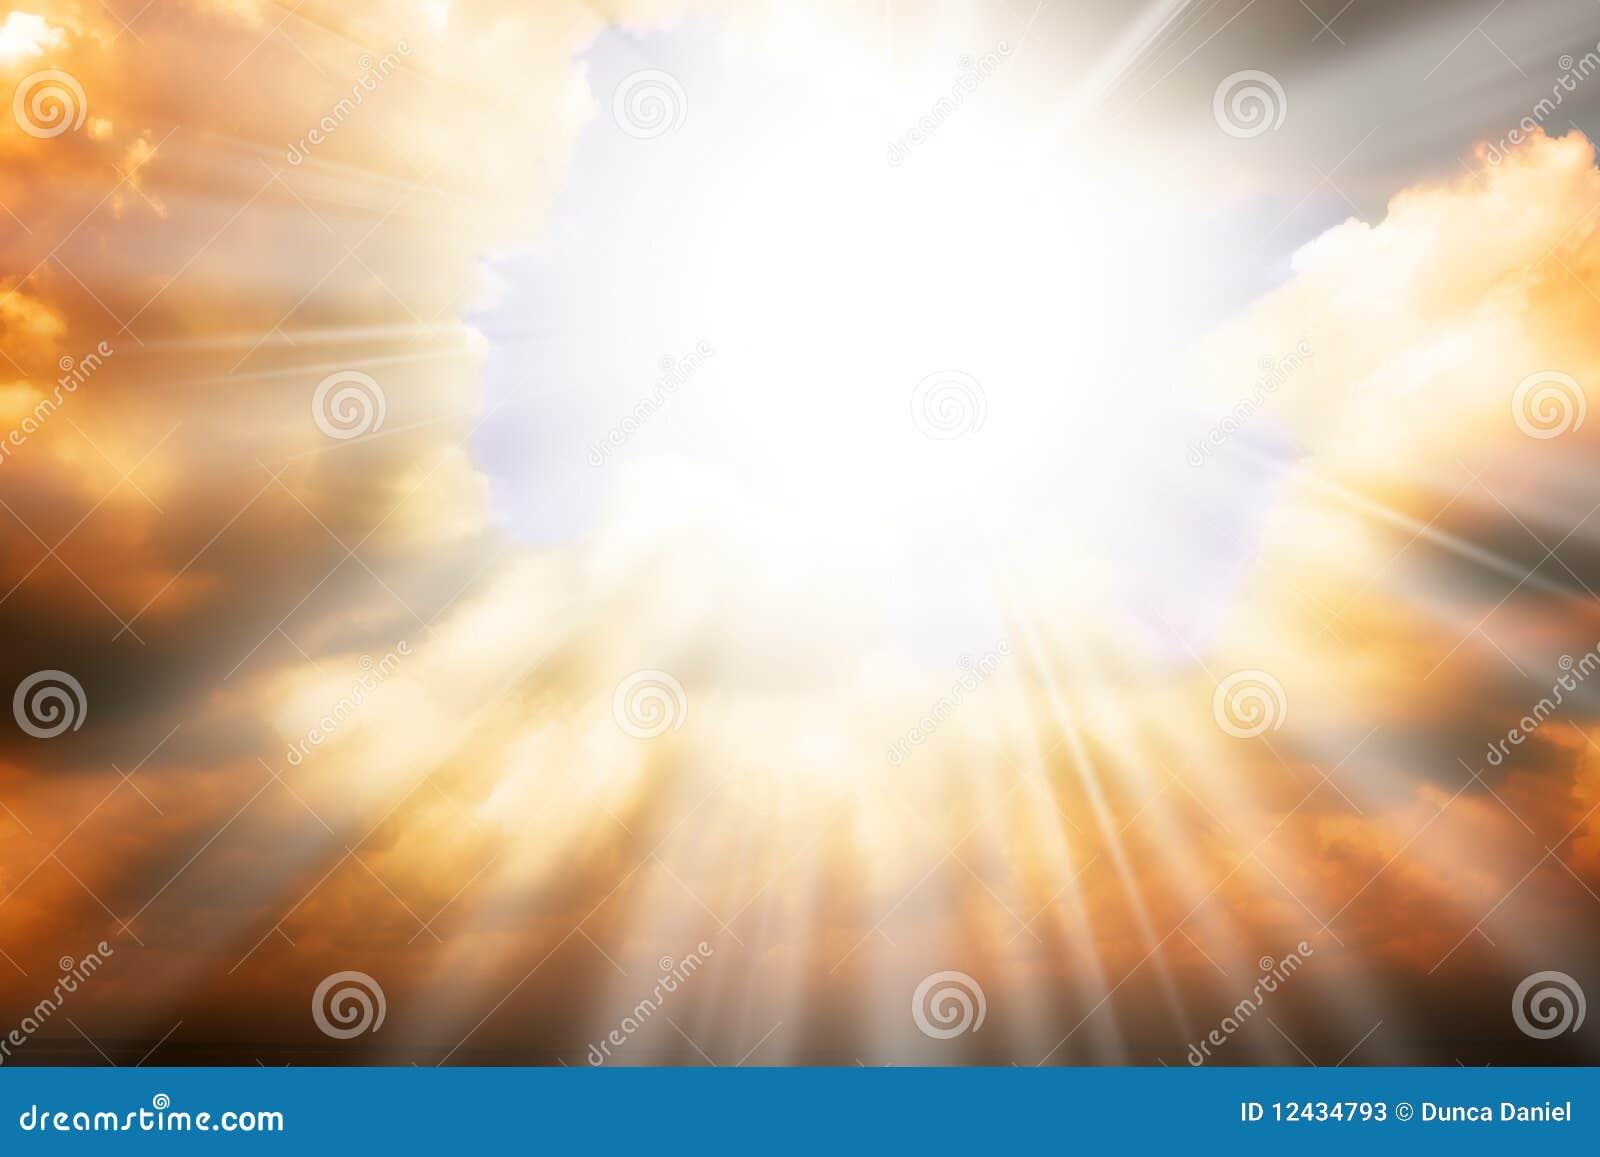 Begreppshimmel rays religionskysunen